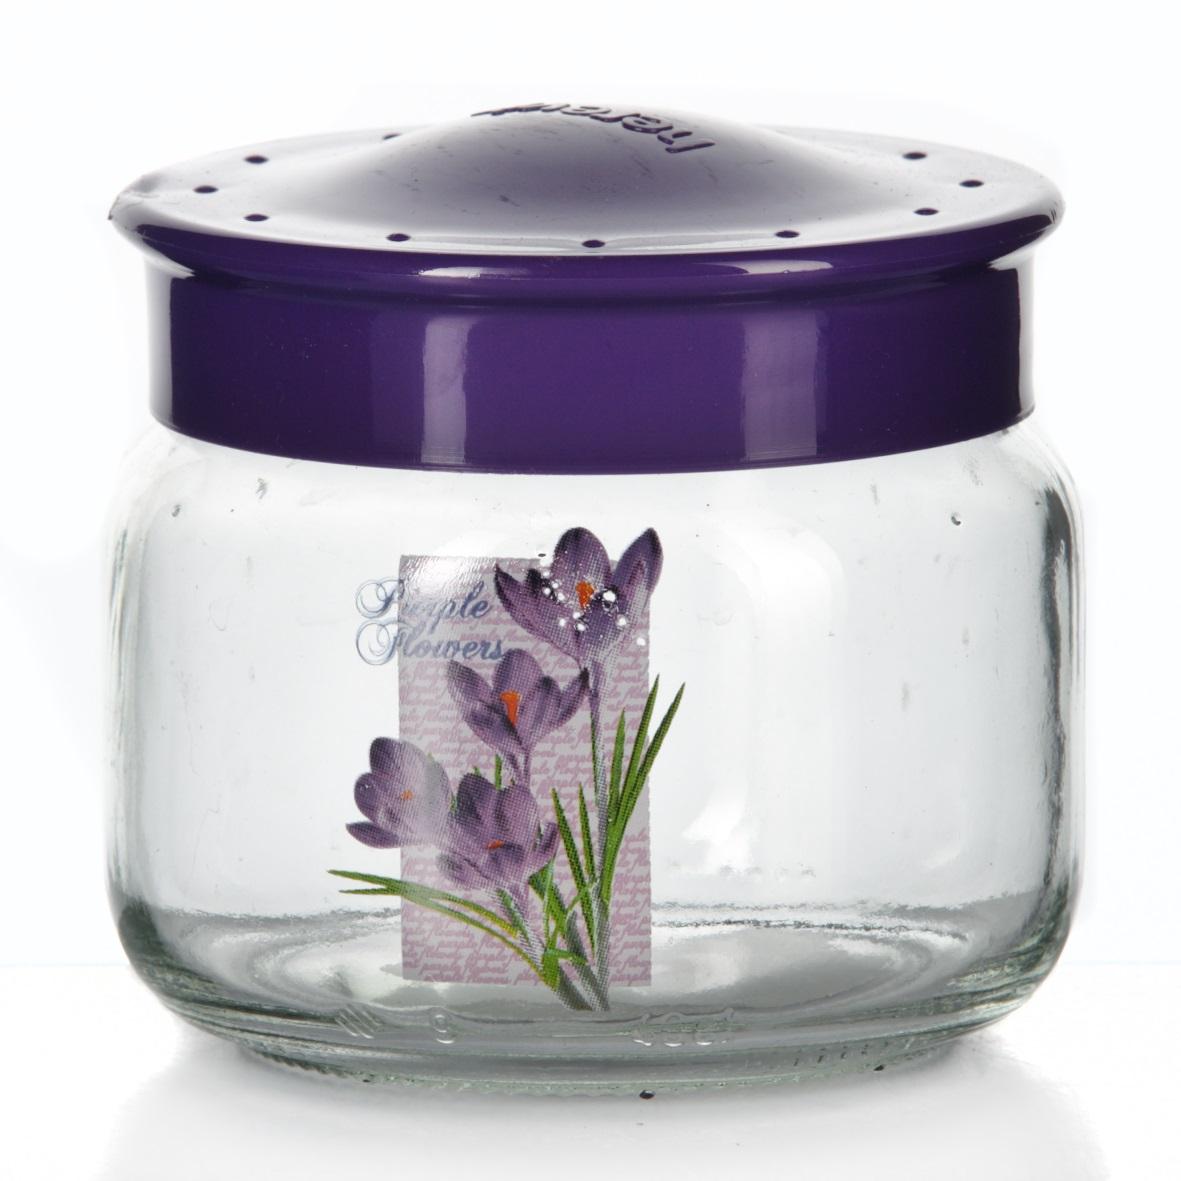 Банка для сыпучих продуктов Herevin, цвет: фиолетовый, 400 мл. 171016-000171016-000Банка для сыпучих продуктов Herevin, изготовленная из прочного стекла, декорирована изображением цветка. Банка оснащена плотно закрывающейся пластиковой крышкой. Благодаря этому внутри сохраняется герметичность, и продукты дольше остаются свежими. Изделие предназначено для хранения различных сыпучих продуктов: круп, чая, сахара, орехов и т.д. Функциональная и вместительная, такая банка станет незаменимым аксессуаром на любой кухне. Можно мыть в посудомоечной машине. Пластиковые части рекомендуется мыть вручную.Объем: 400 мл.Диаметр (по верхнему краю): 7,5 см.Высота банки (без учета крышки): 8 см.